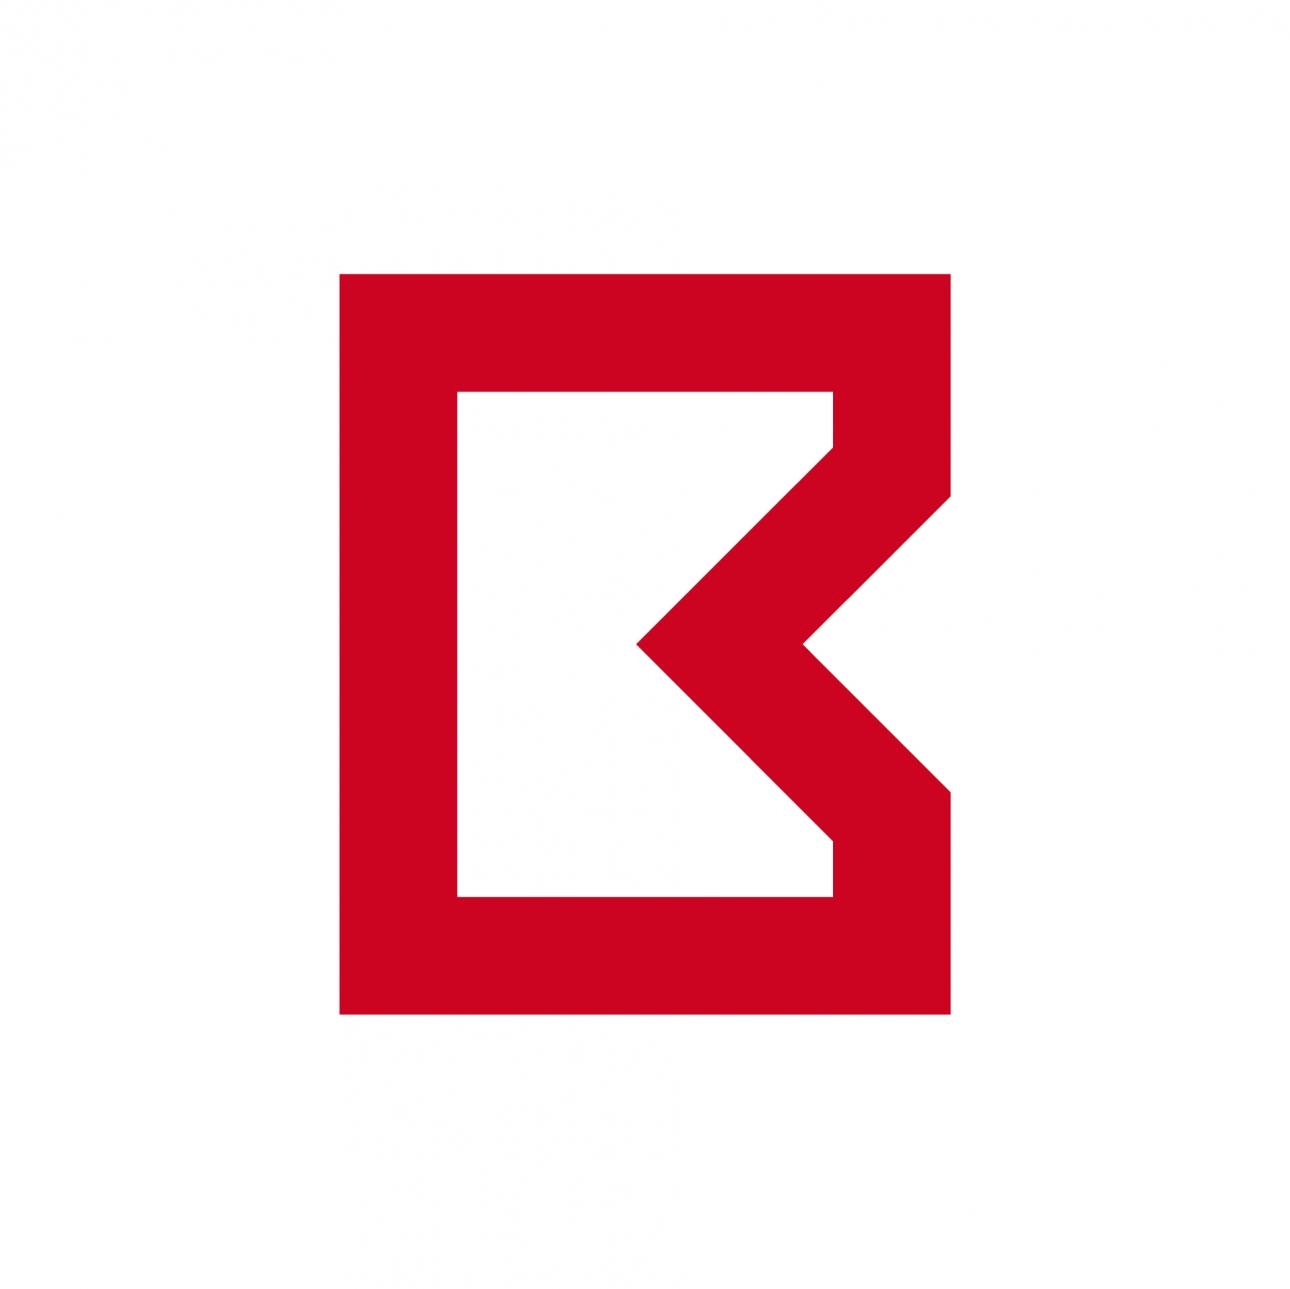 Das von 31M entworfene Logo und Corporate Design für Brüninghoff